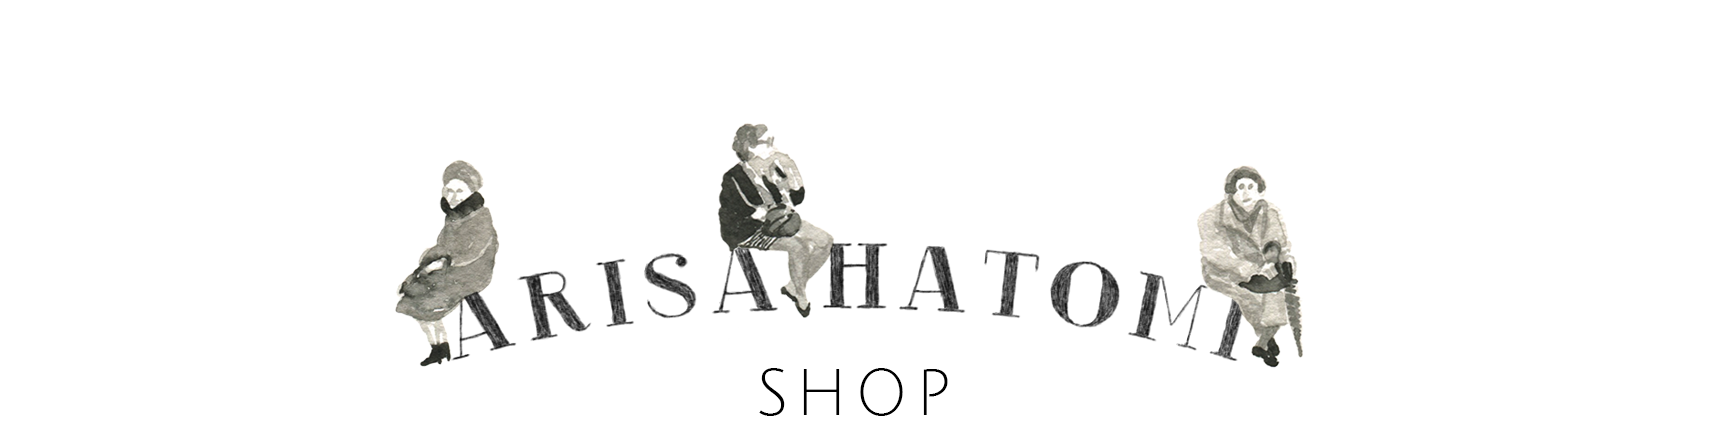 arisahatomi shop